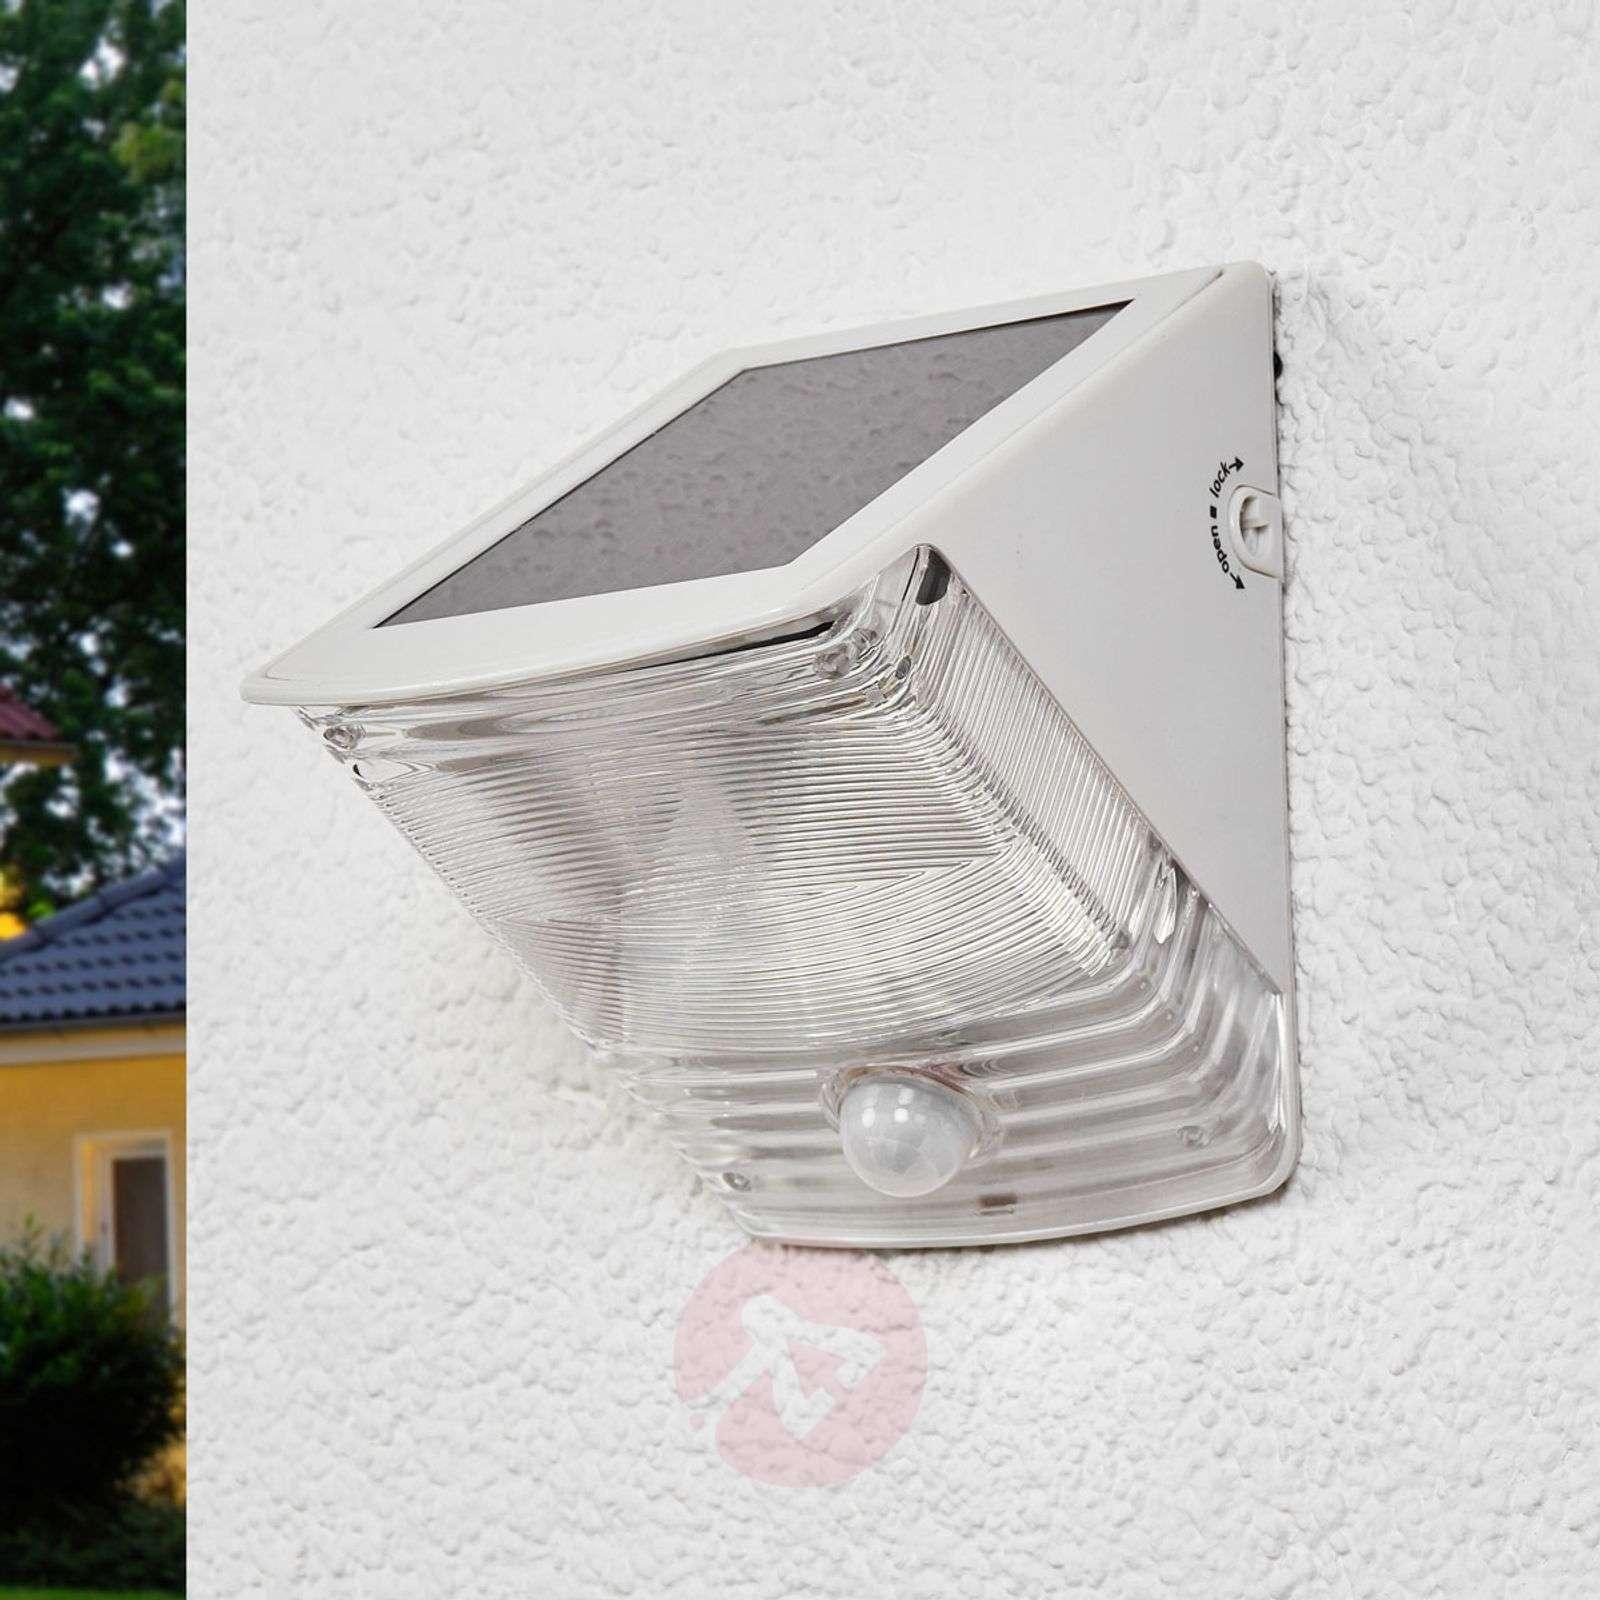 Aurinkokäyt. LED-seinävalo SOL 04 IP44 valkoinen-1540164-02